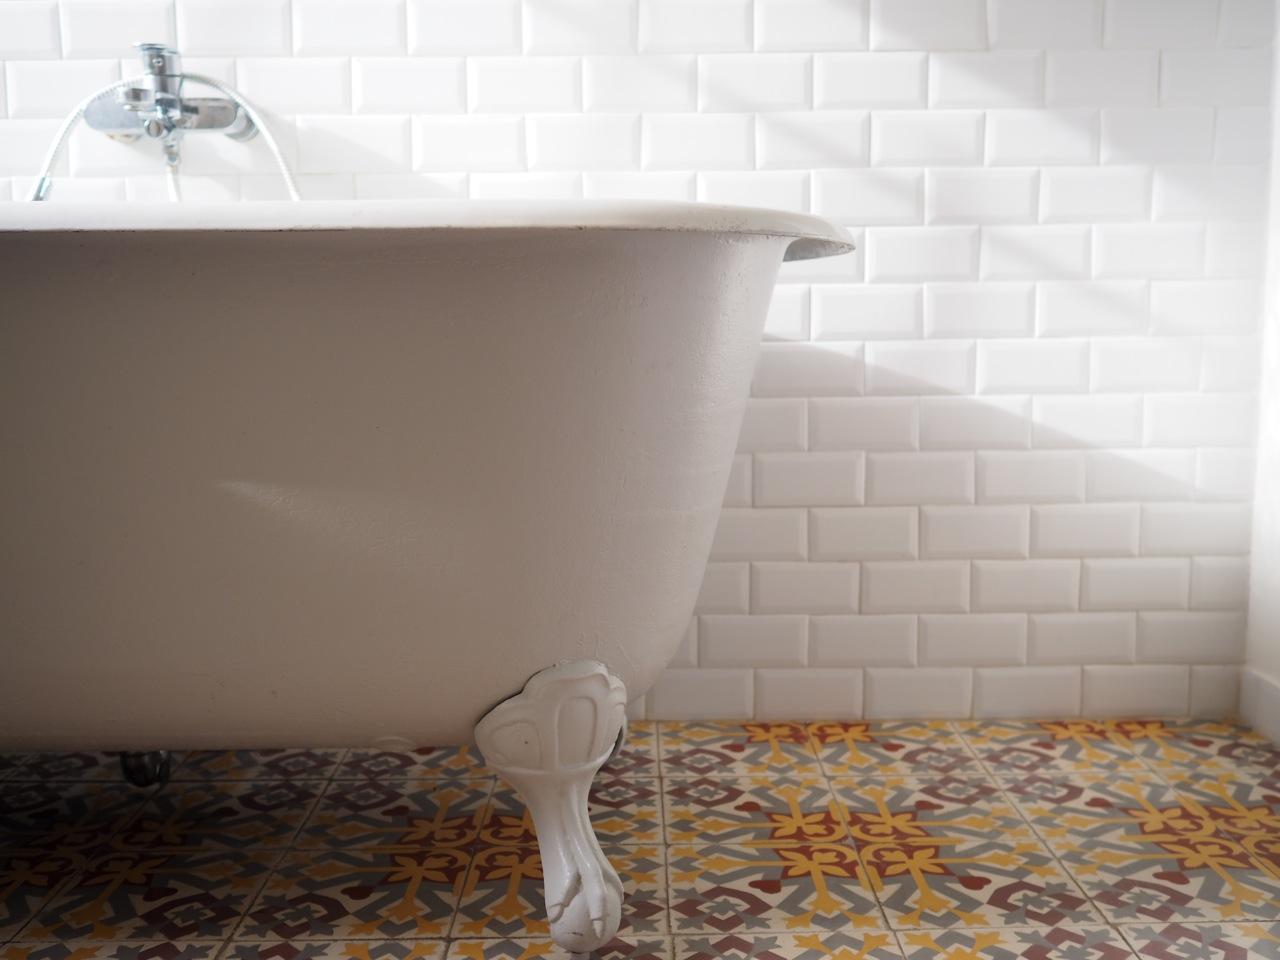 la salle de bain des enfants 30 mois plus tard ritalechat. Black Bedroom Furniture Sets. Home Design Ideas